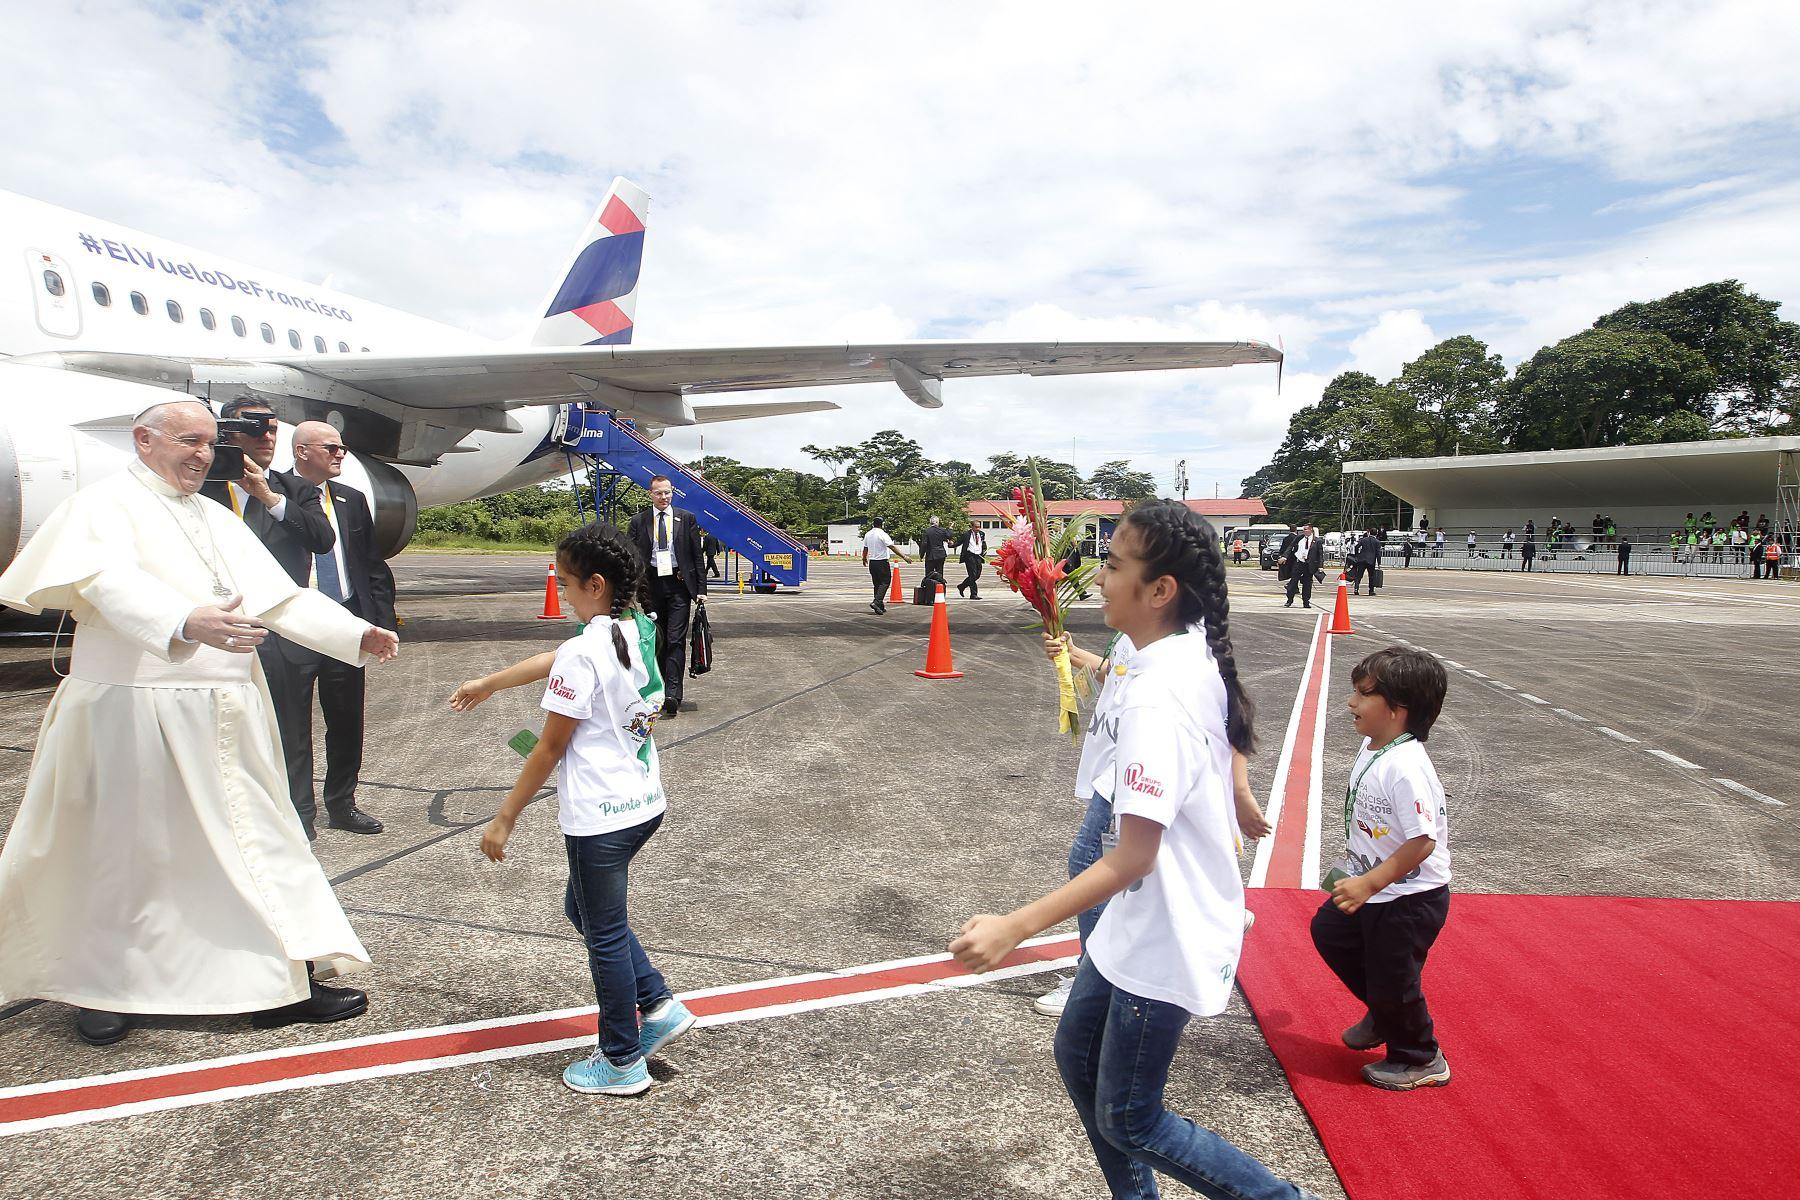 Fotografía tomada el 19 enero 2018 / Papa Francisco llega al Aeropuerto de Puerto Maldonado en Madre de Dios. Foto: ANDINA/Carolina Urra